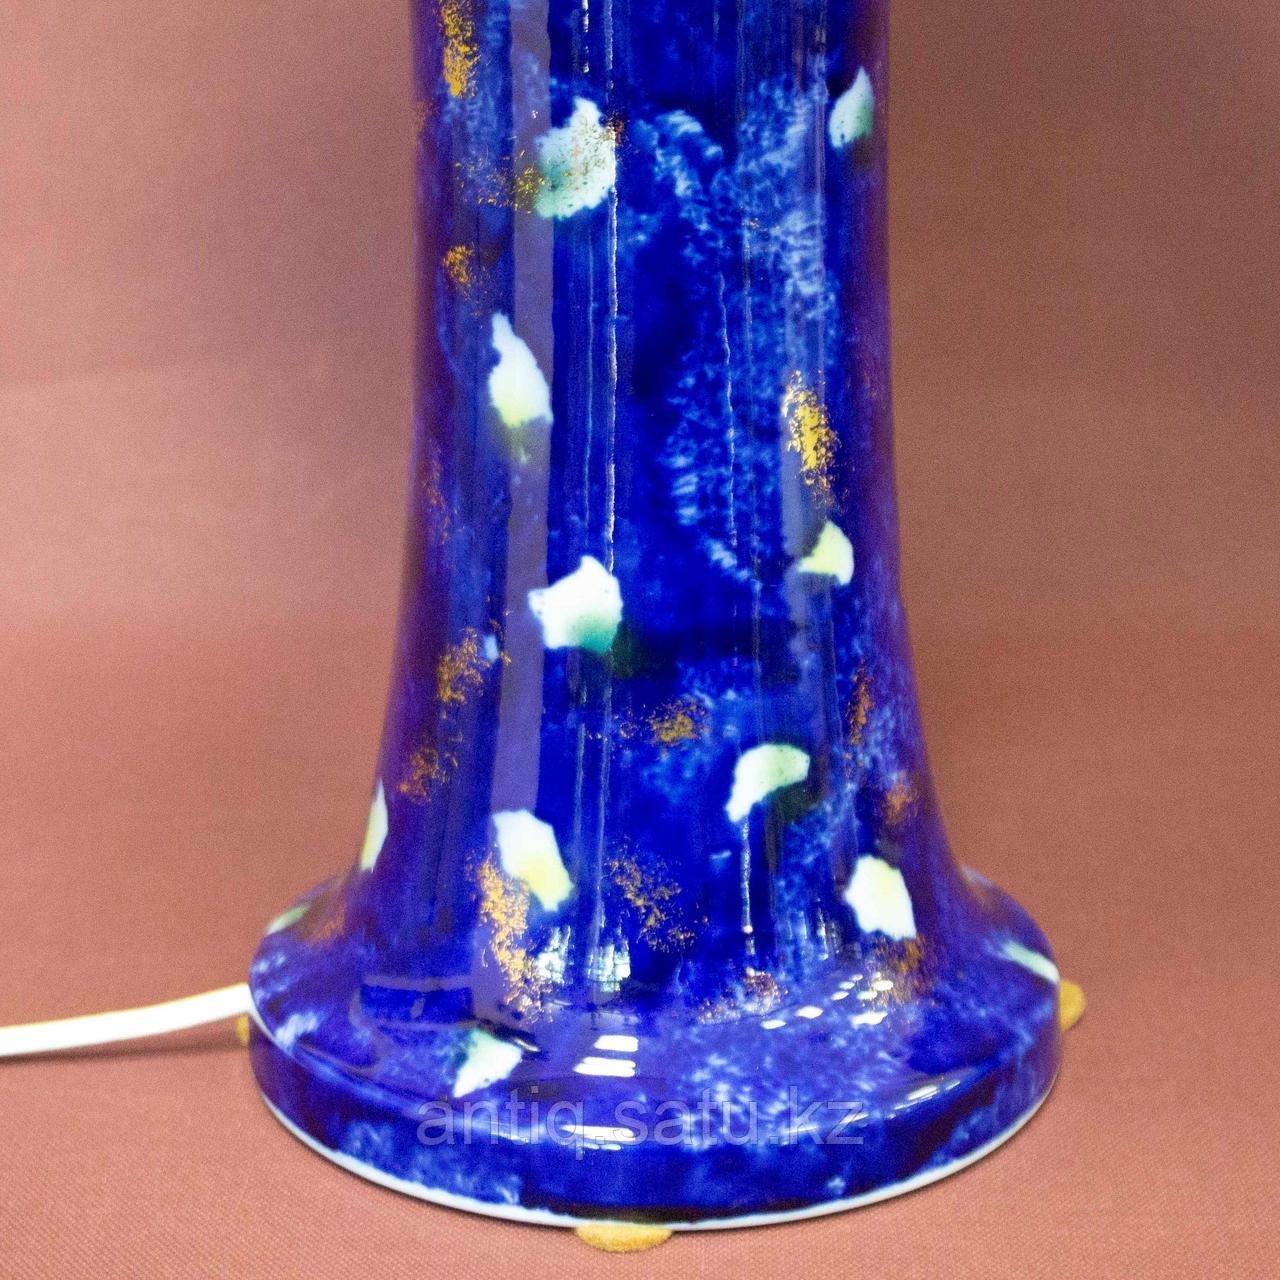 Настольная лампа. Фарфоровая мануфактура Wallendorf - фото 6